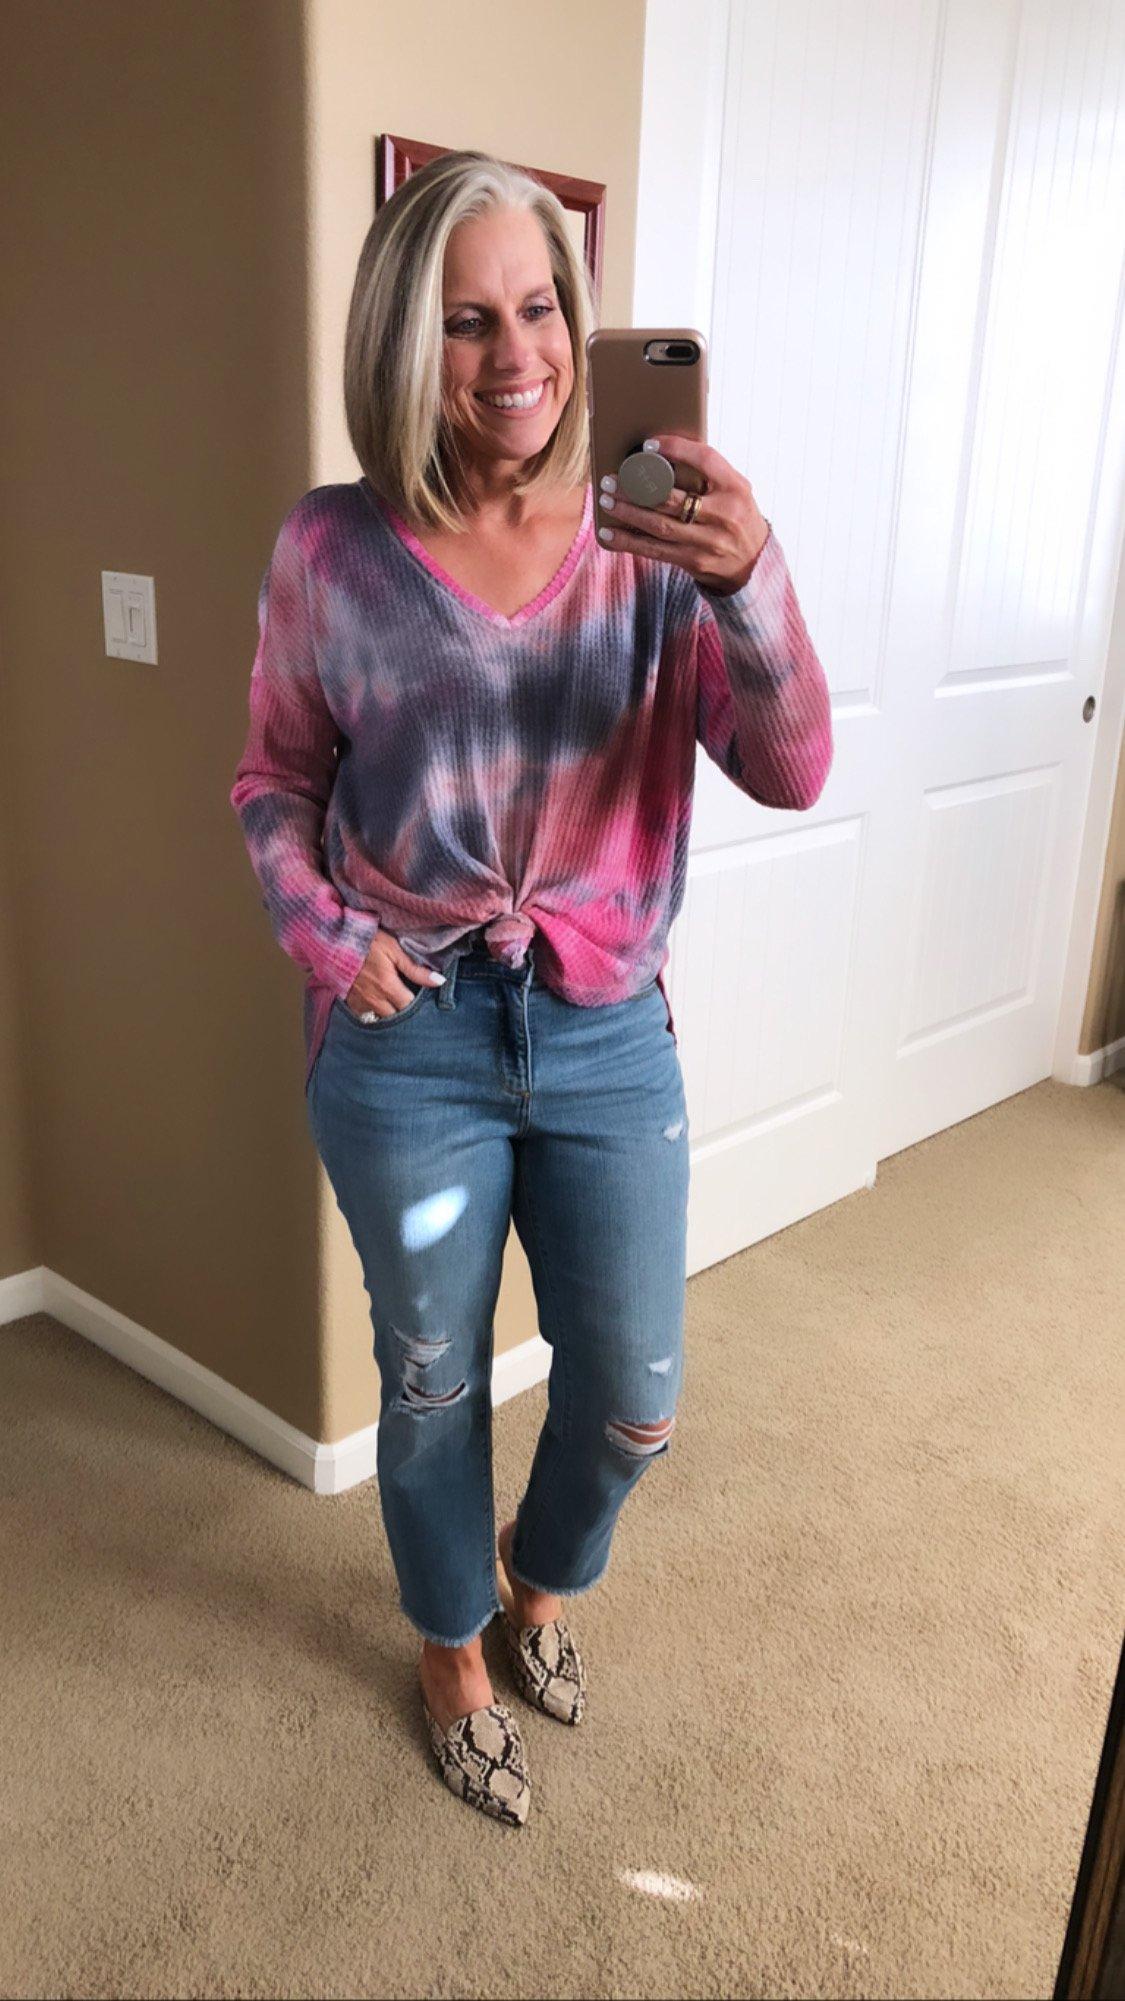 Target tie-dye top